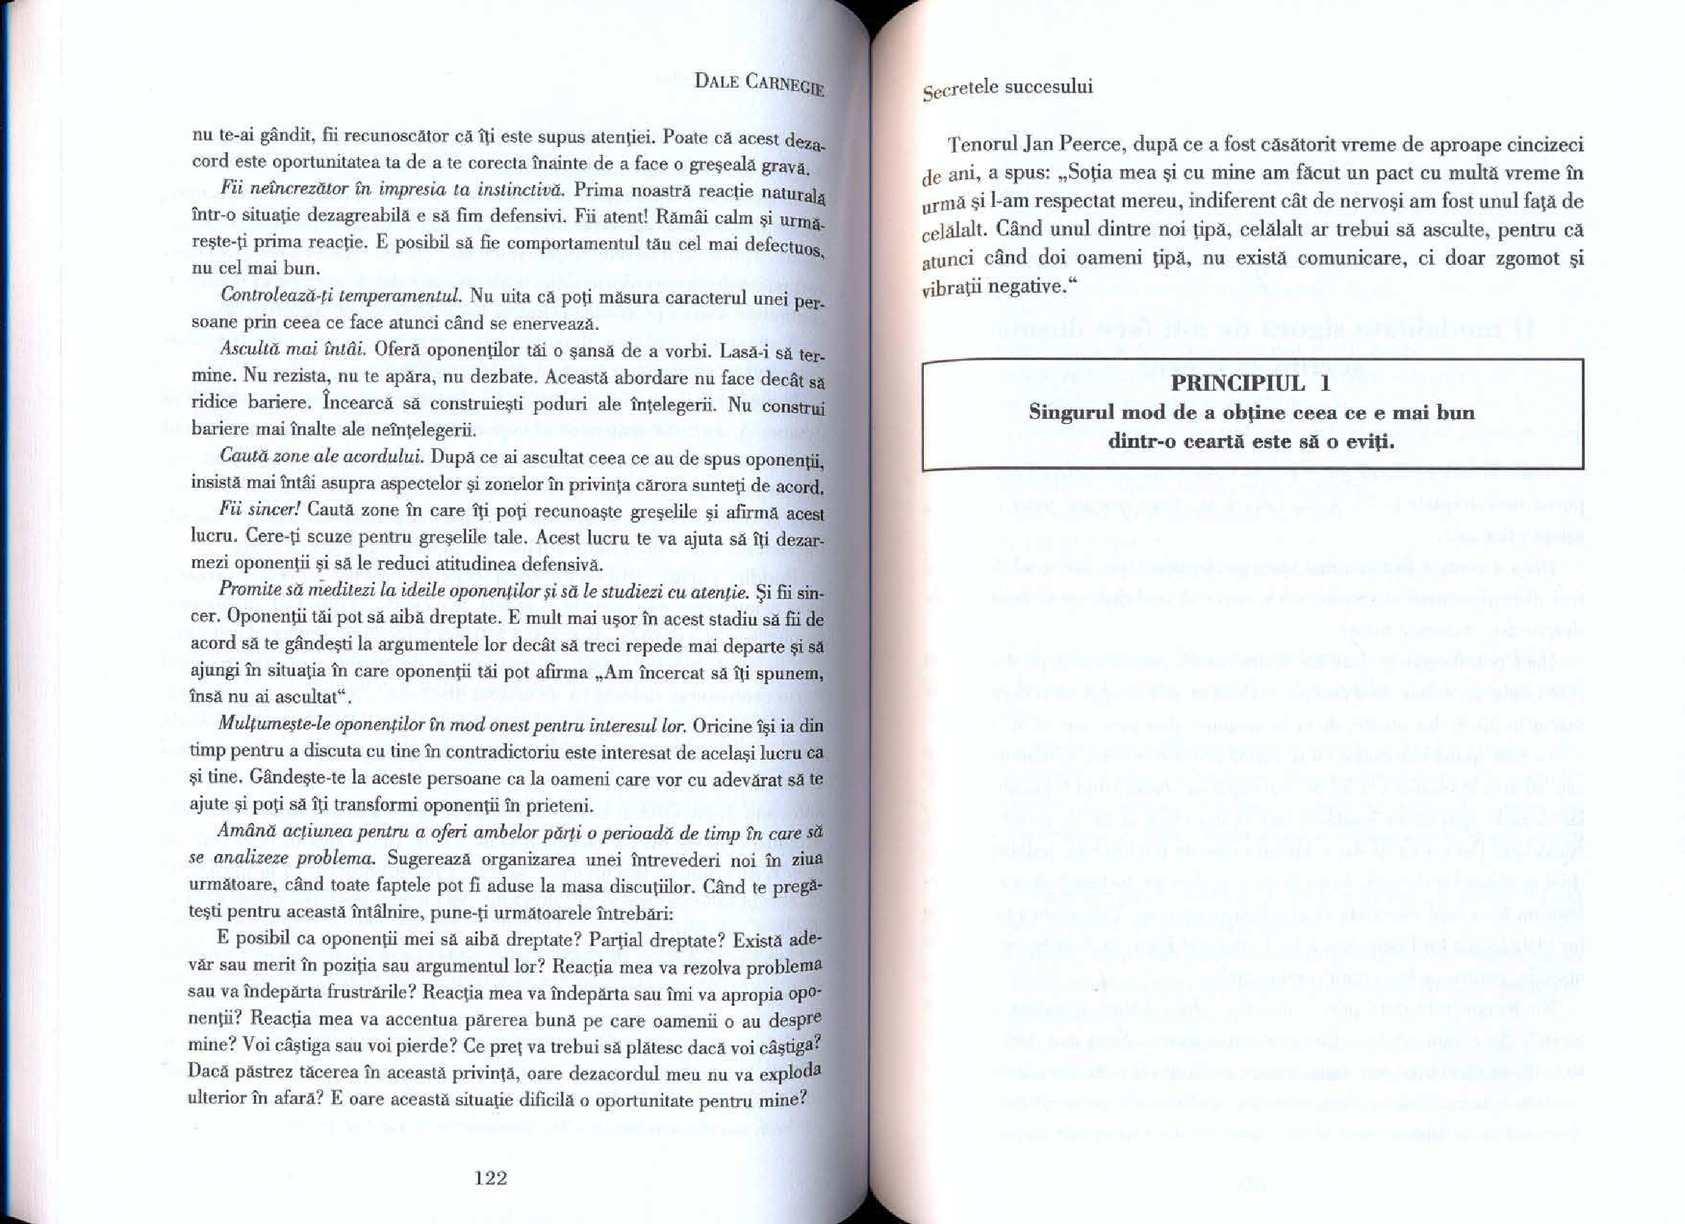 un zumzet - Traducere în engleză - exemple în română | Reverso Context